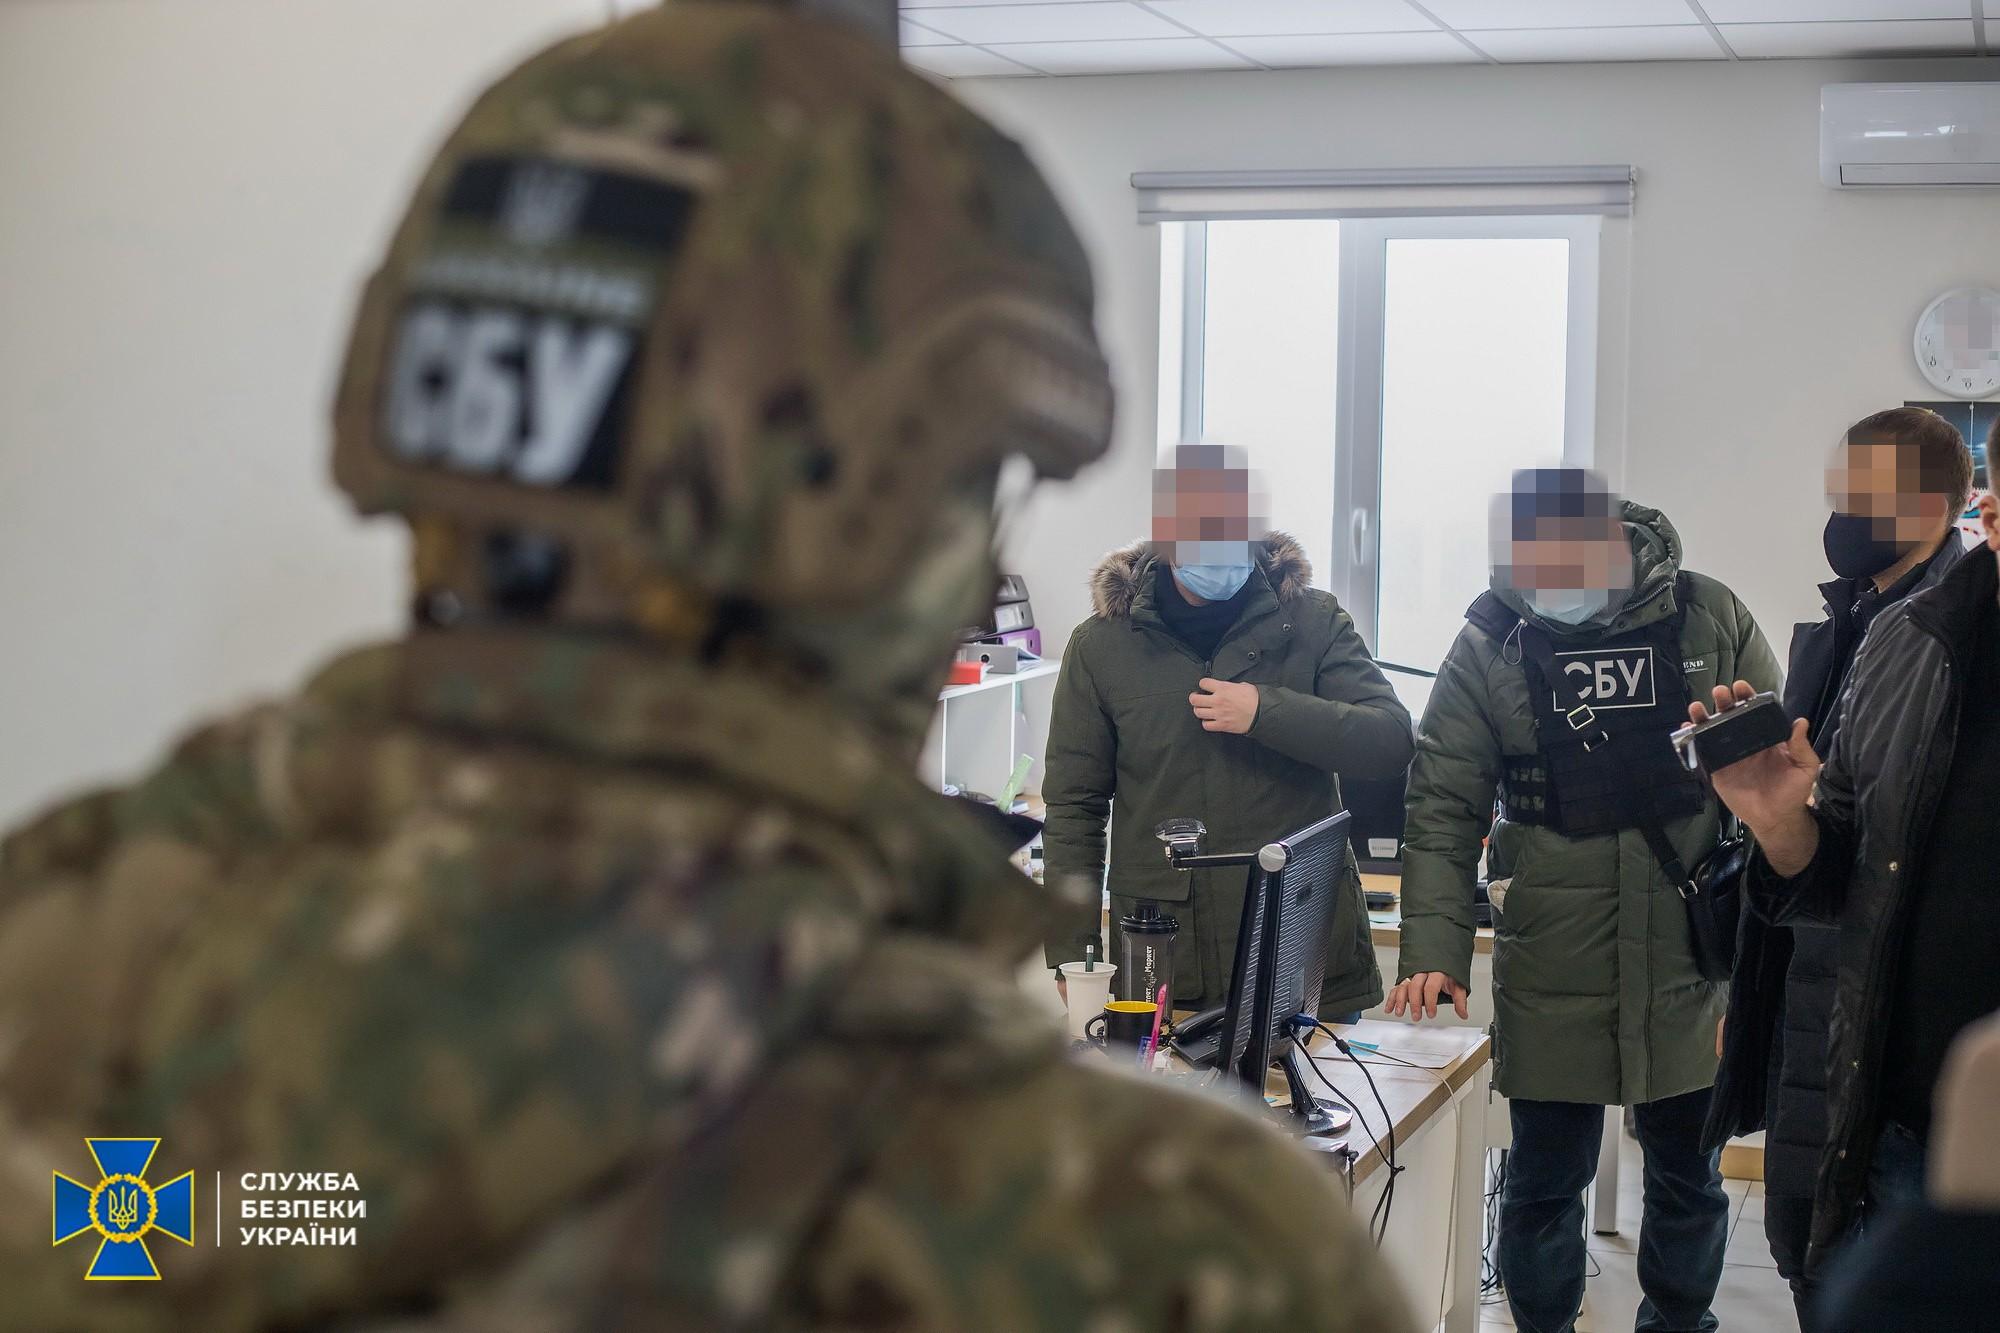 СБУ заявила про спробу незаконного привласнення нерухомості в центрі Києва на $4 млн